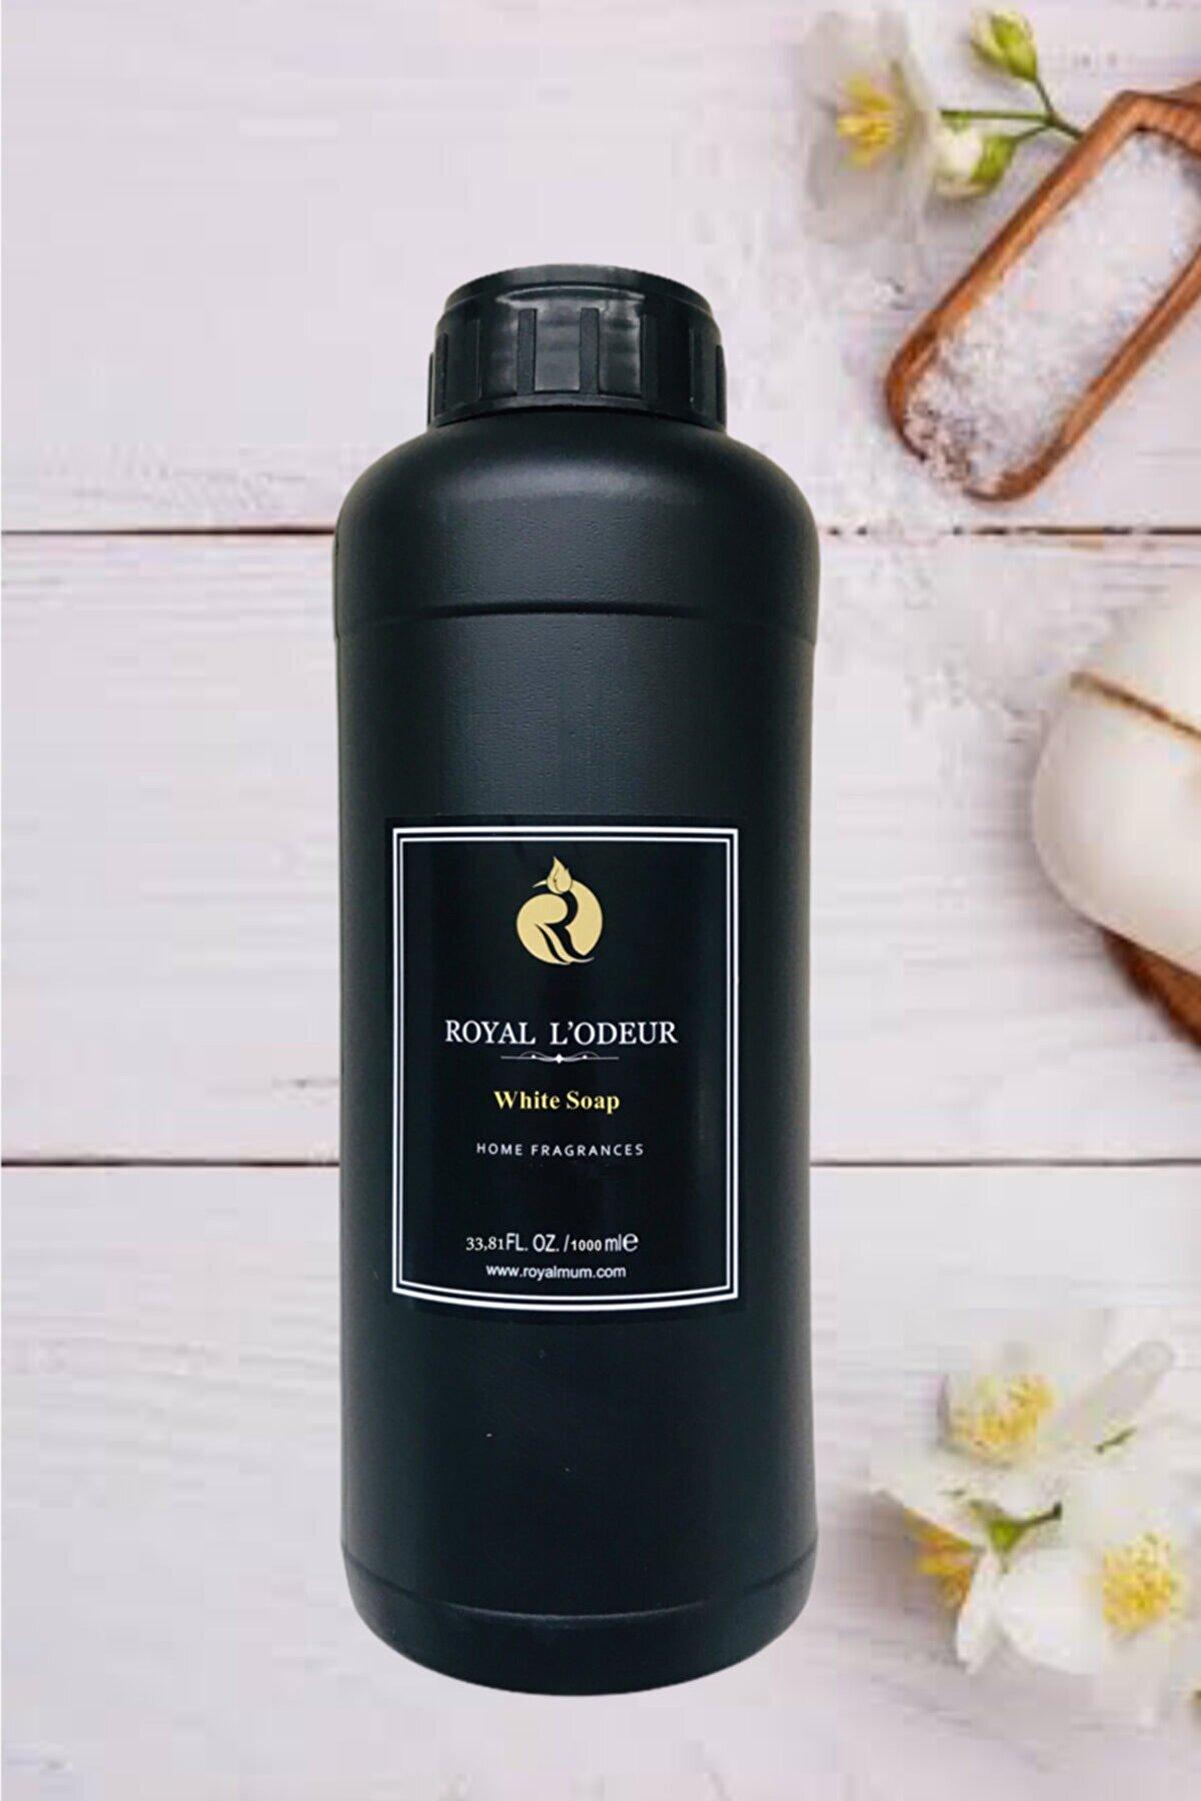 Royal Mum Beyaz Sabun Oda Kokusu Yedeği (refill) 1 Litre